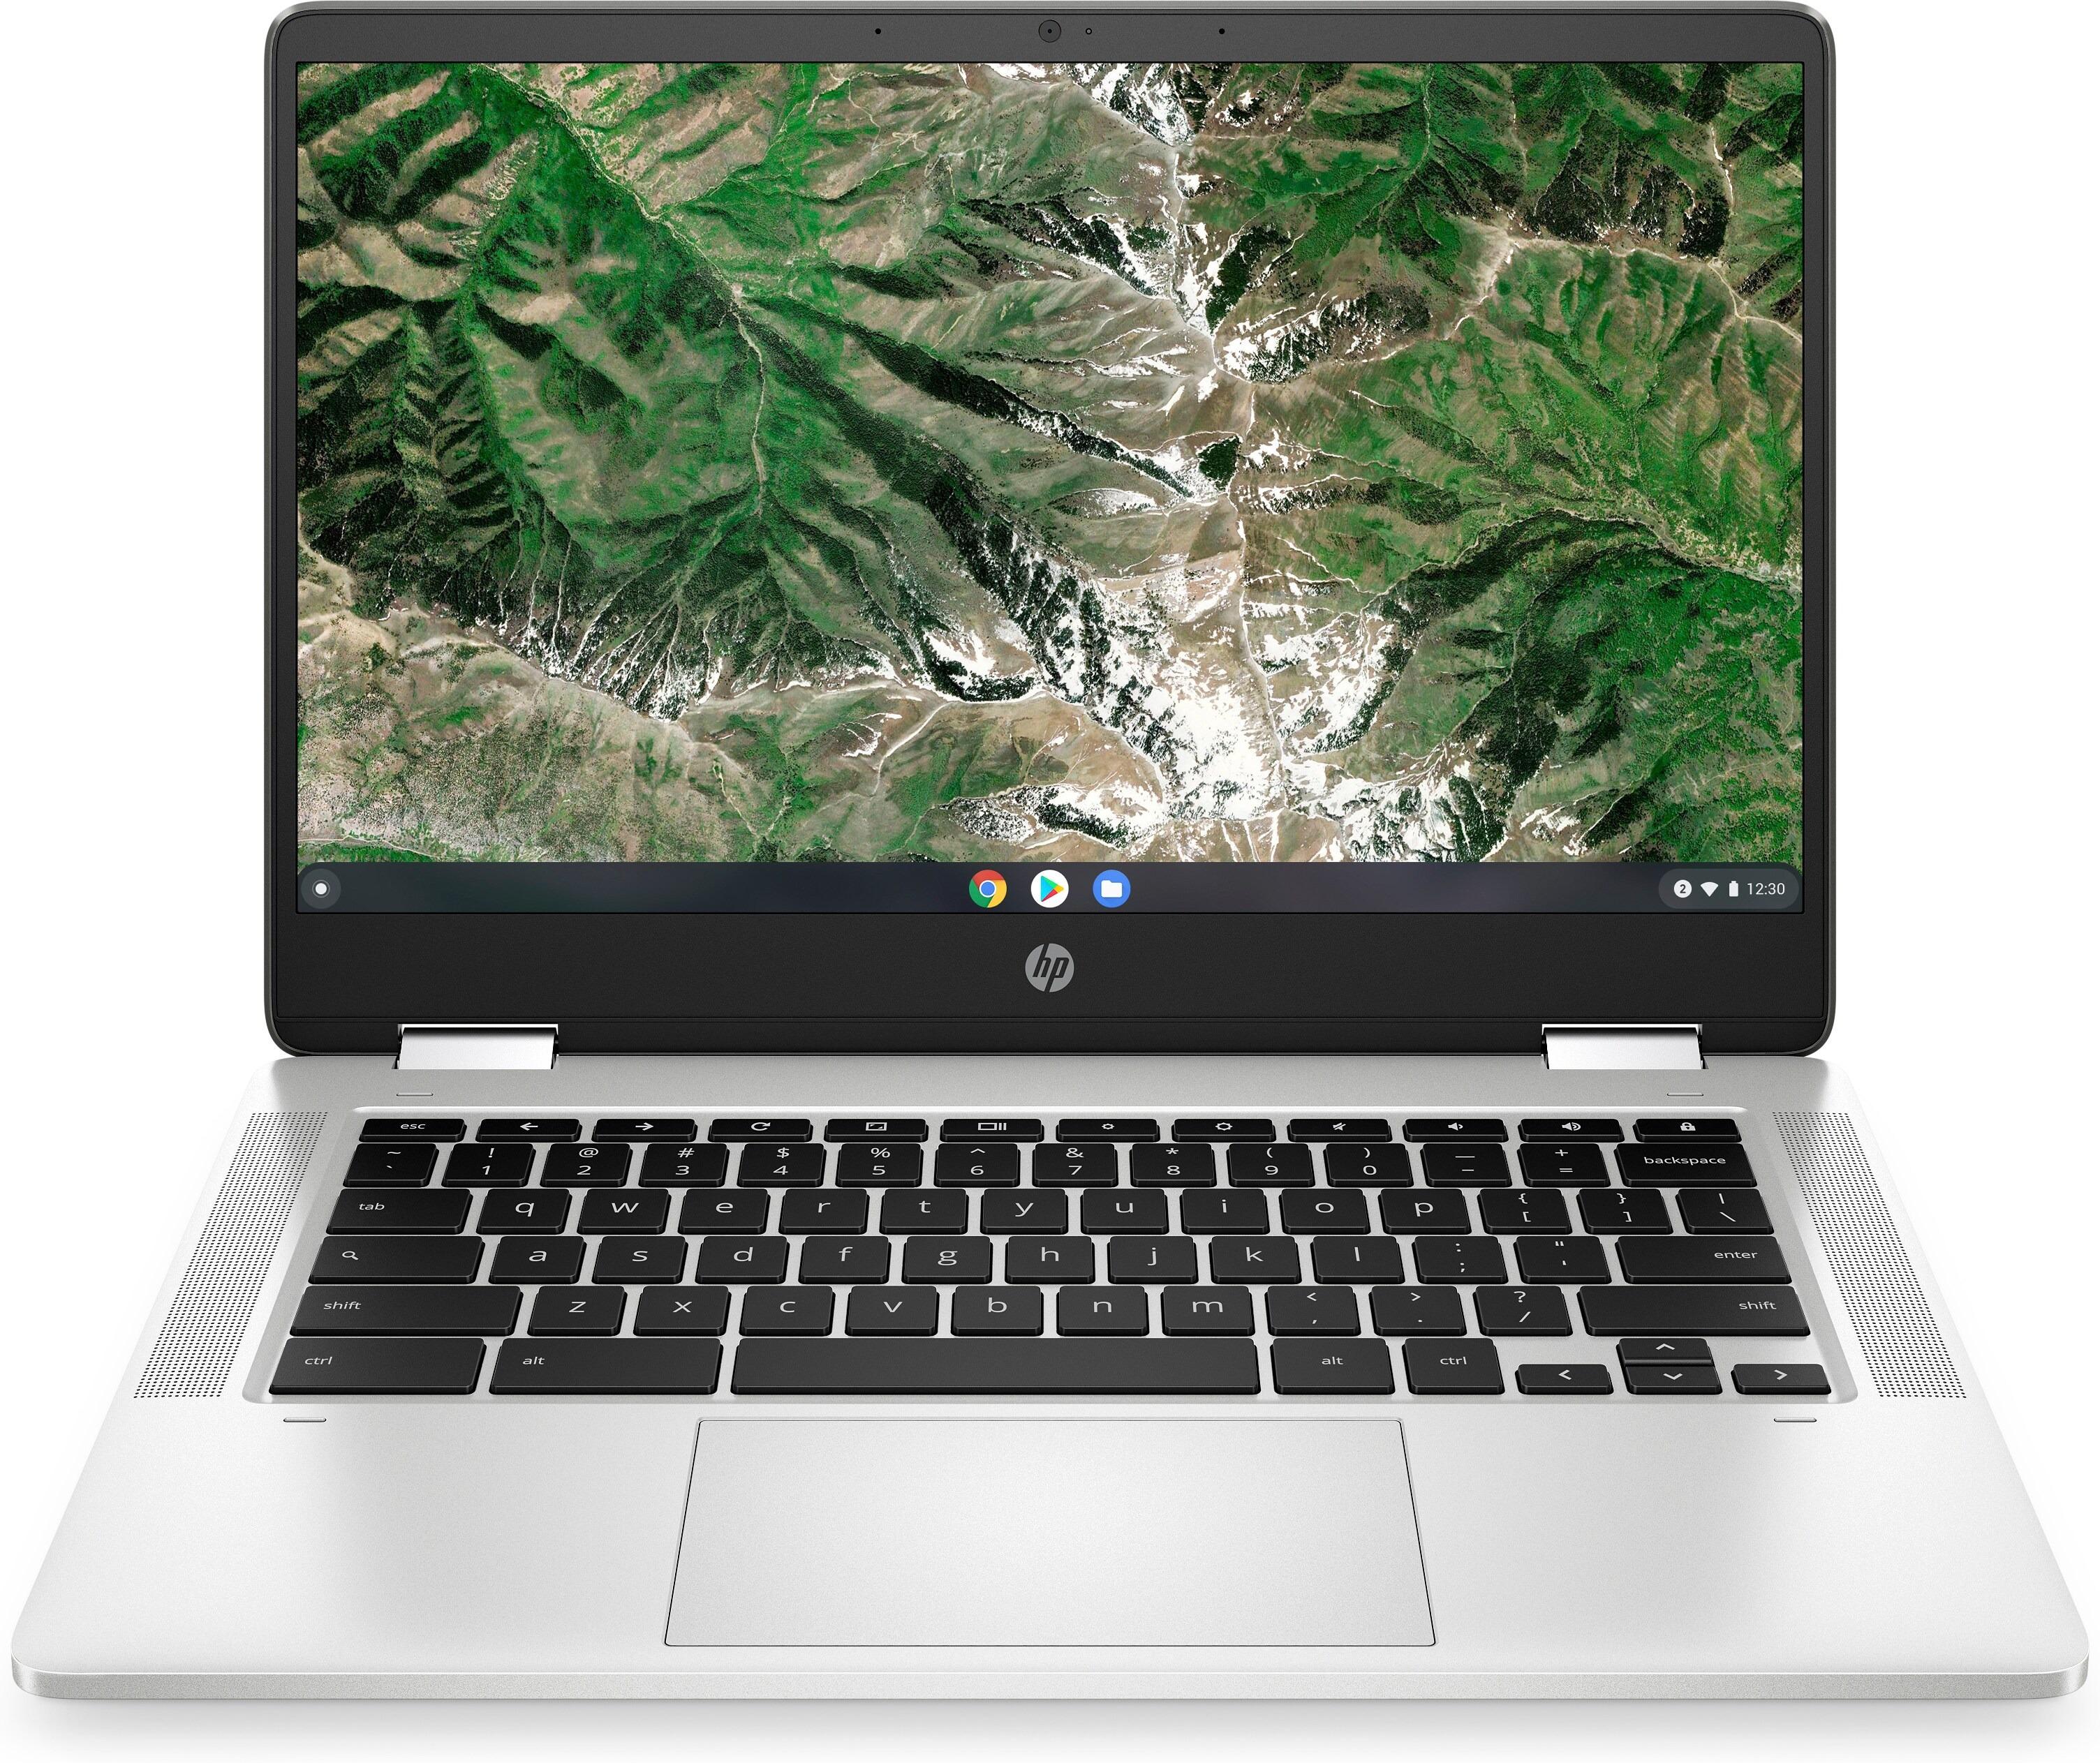 HP chromebook Chromebook x360 14a-ca0500nd